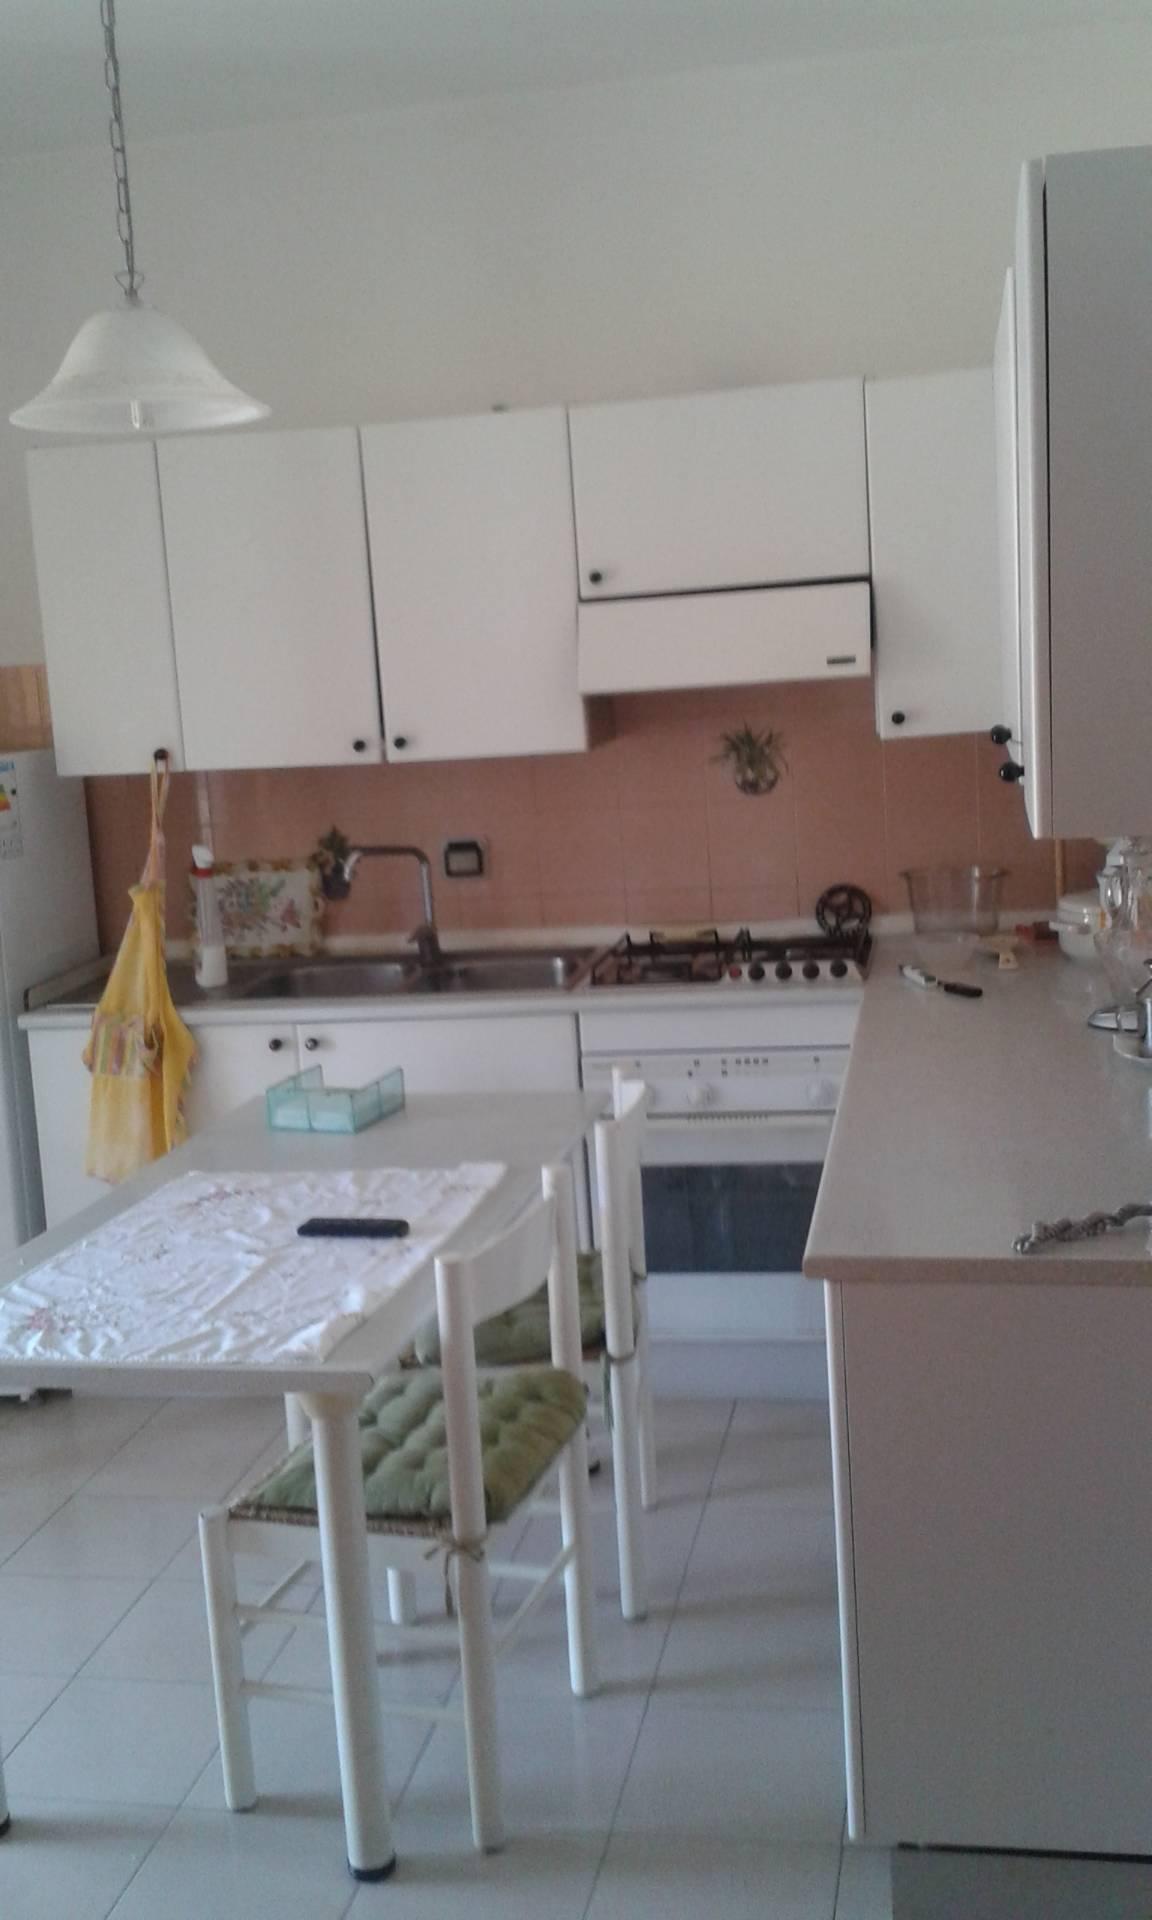 Appartamento in vendita a Lamezia Terme, 4 locali, zona Zona: Nicastro, prezzo € 80.000 | CambioCasa.it